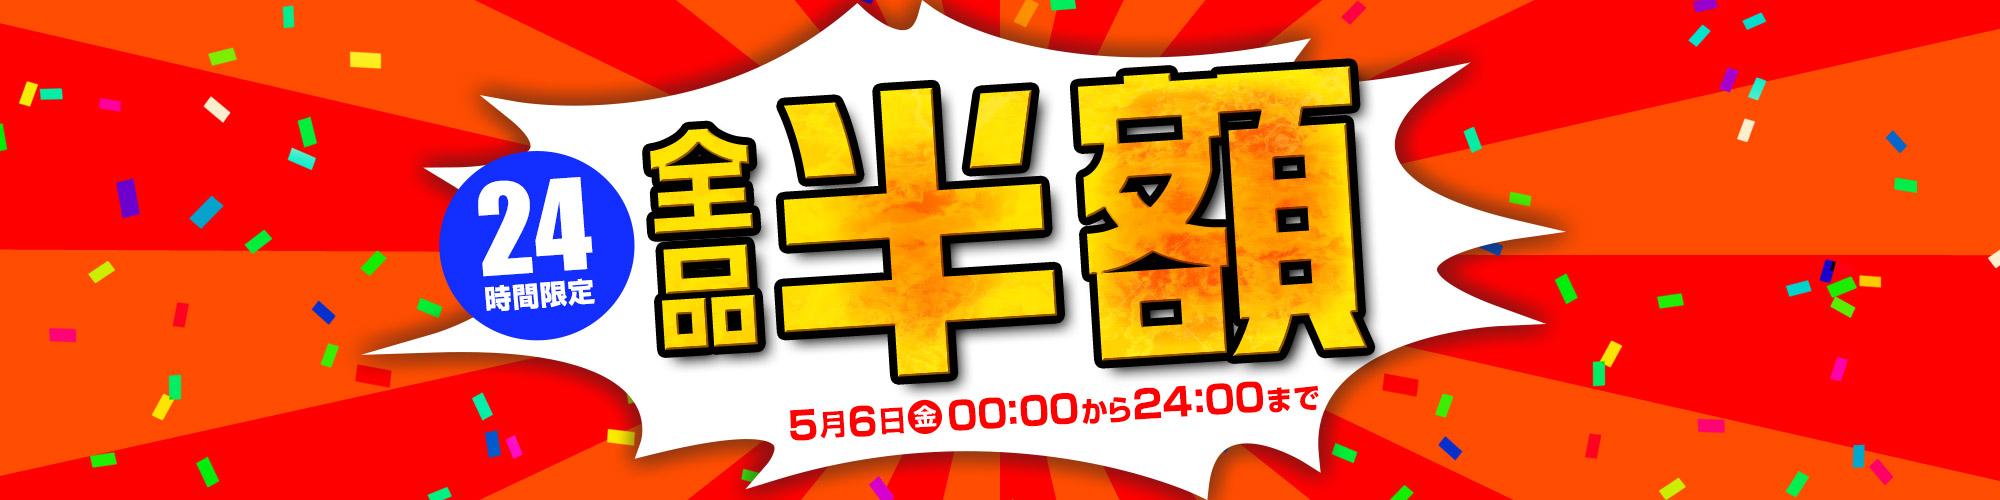 【カリビアンコムプレミアム】24時間限定超ビックイベントスタート!